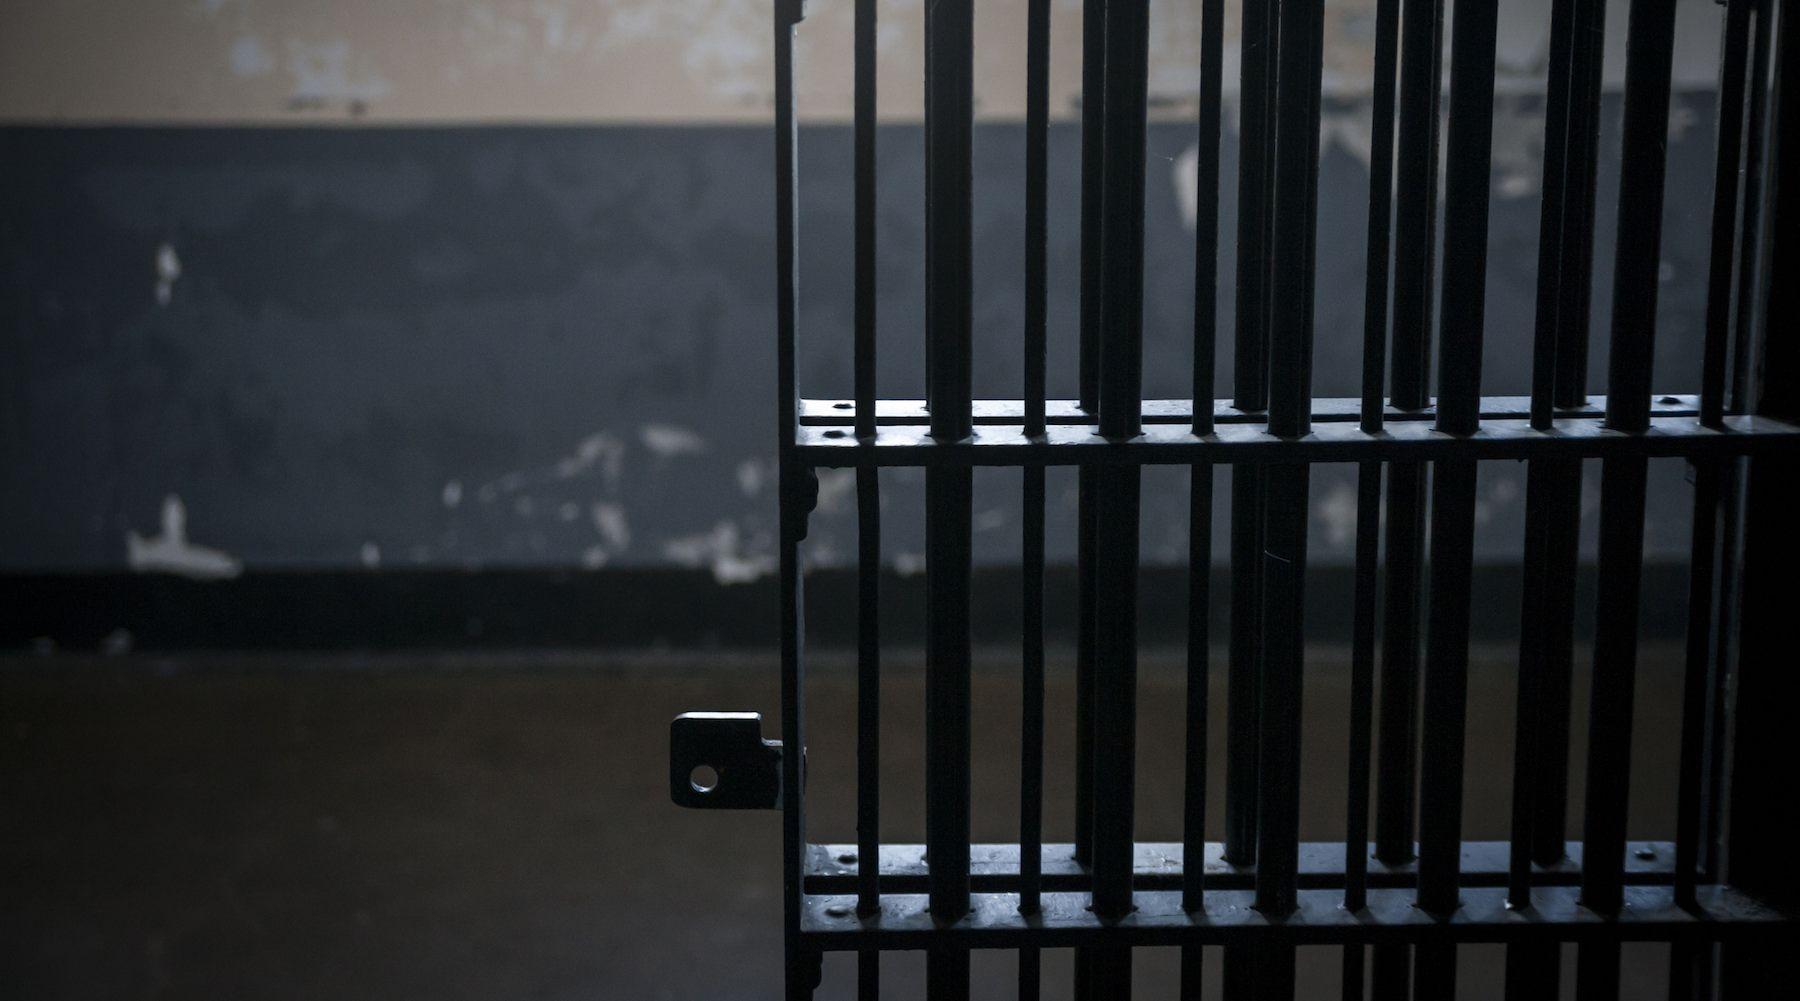 jail-1530624091163-1530624093179.jpg